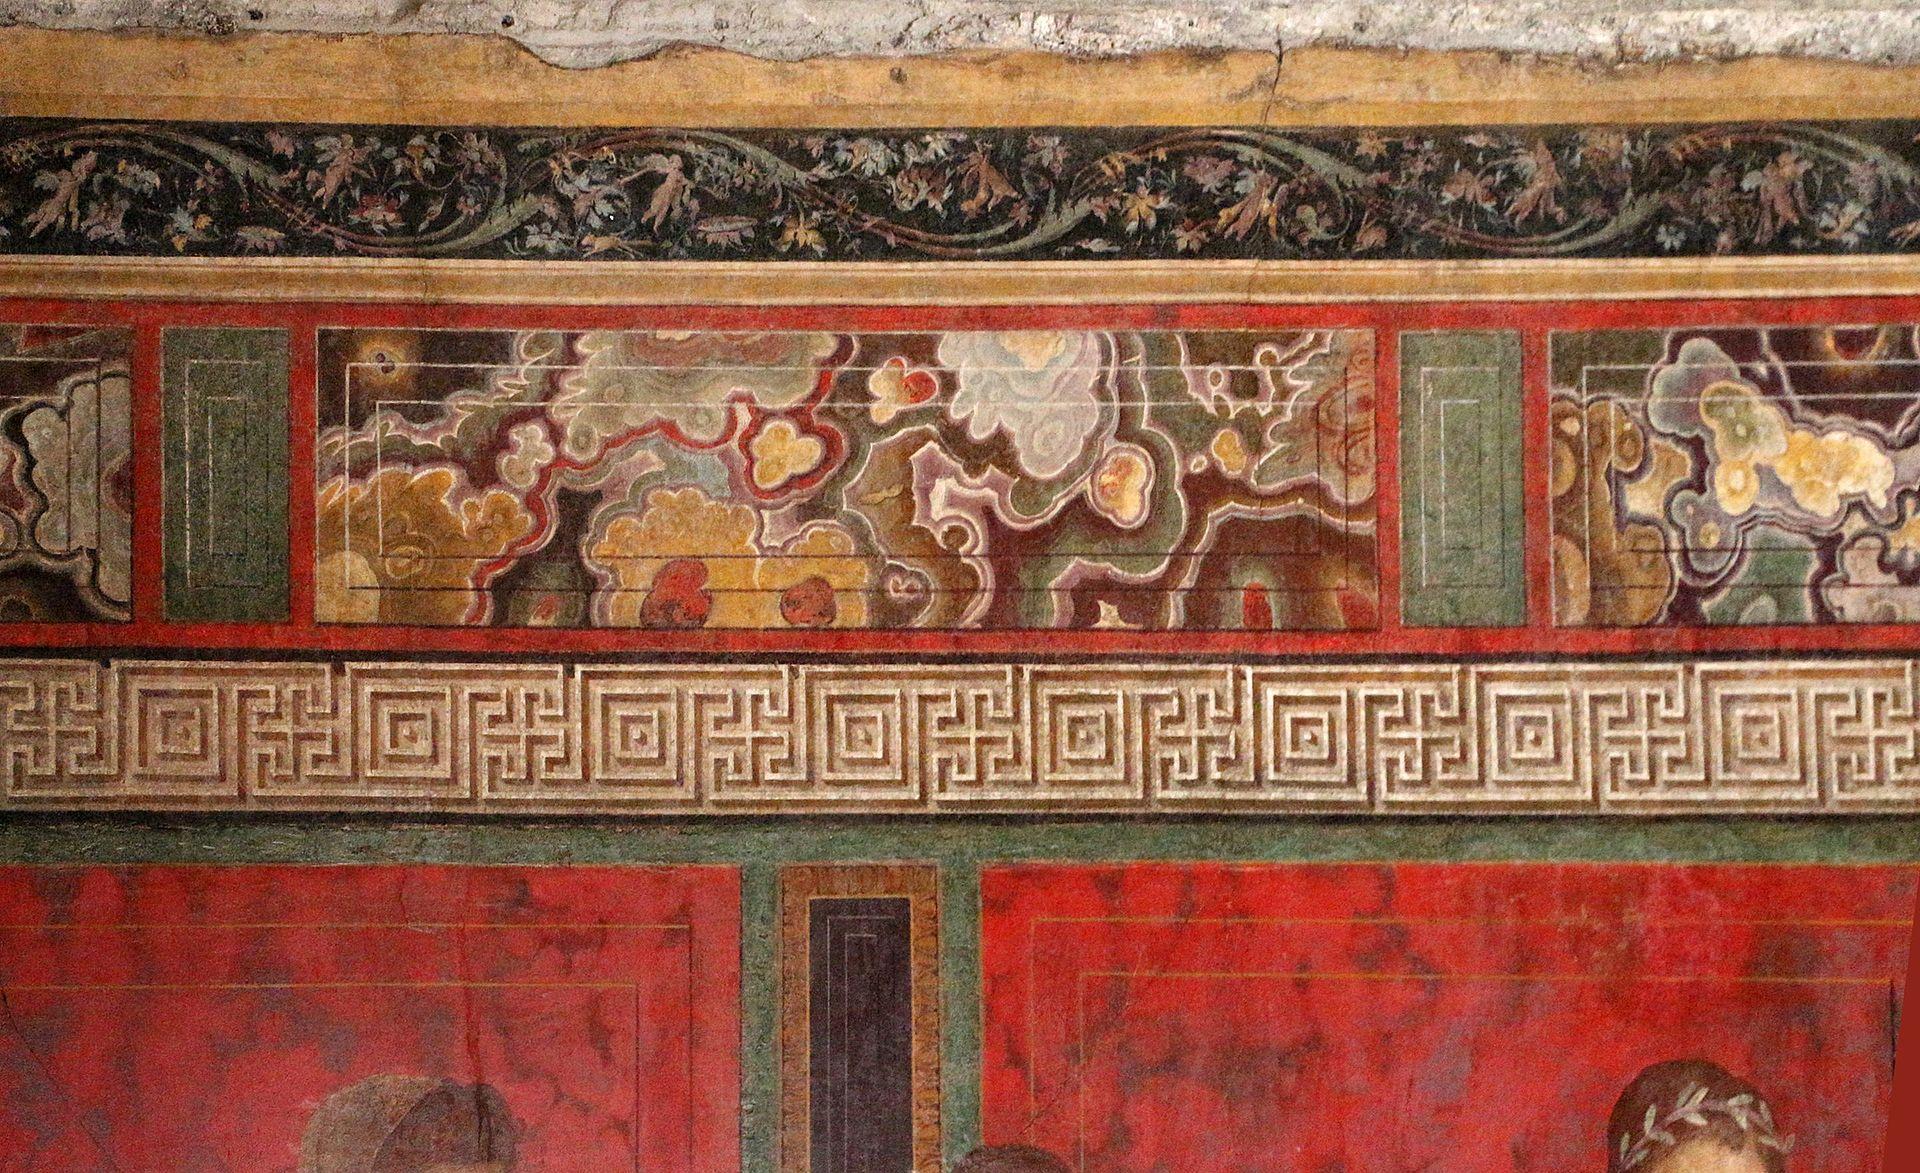 Villa_dei_misteri,_sala_del_grande_dipinto_con_misteri_iniziatici,_I_secolo_a.c._03.jpg